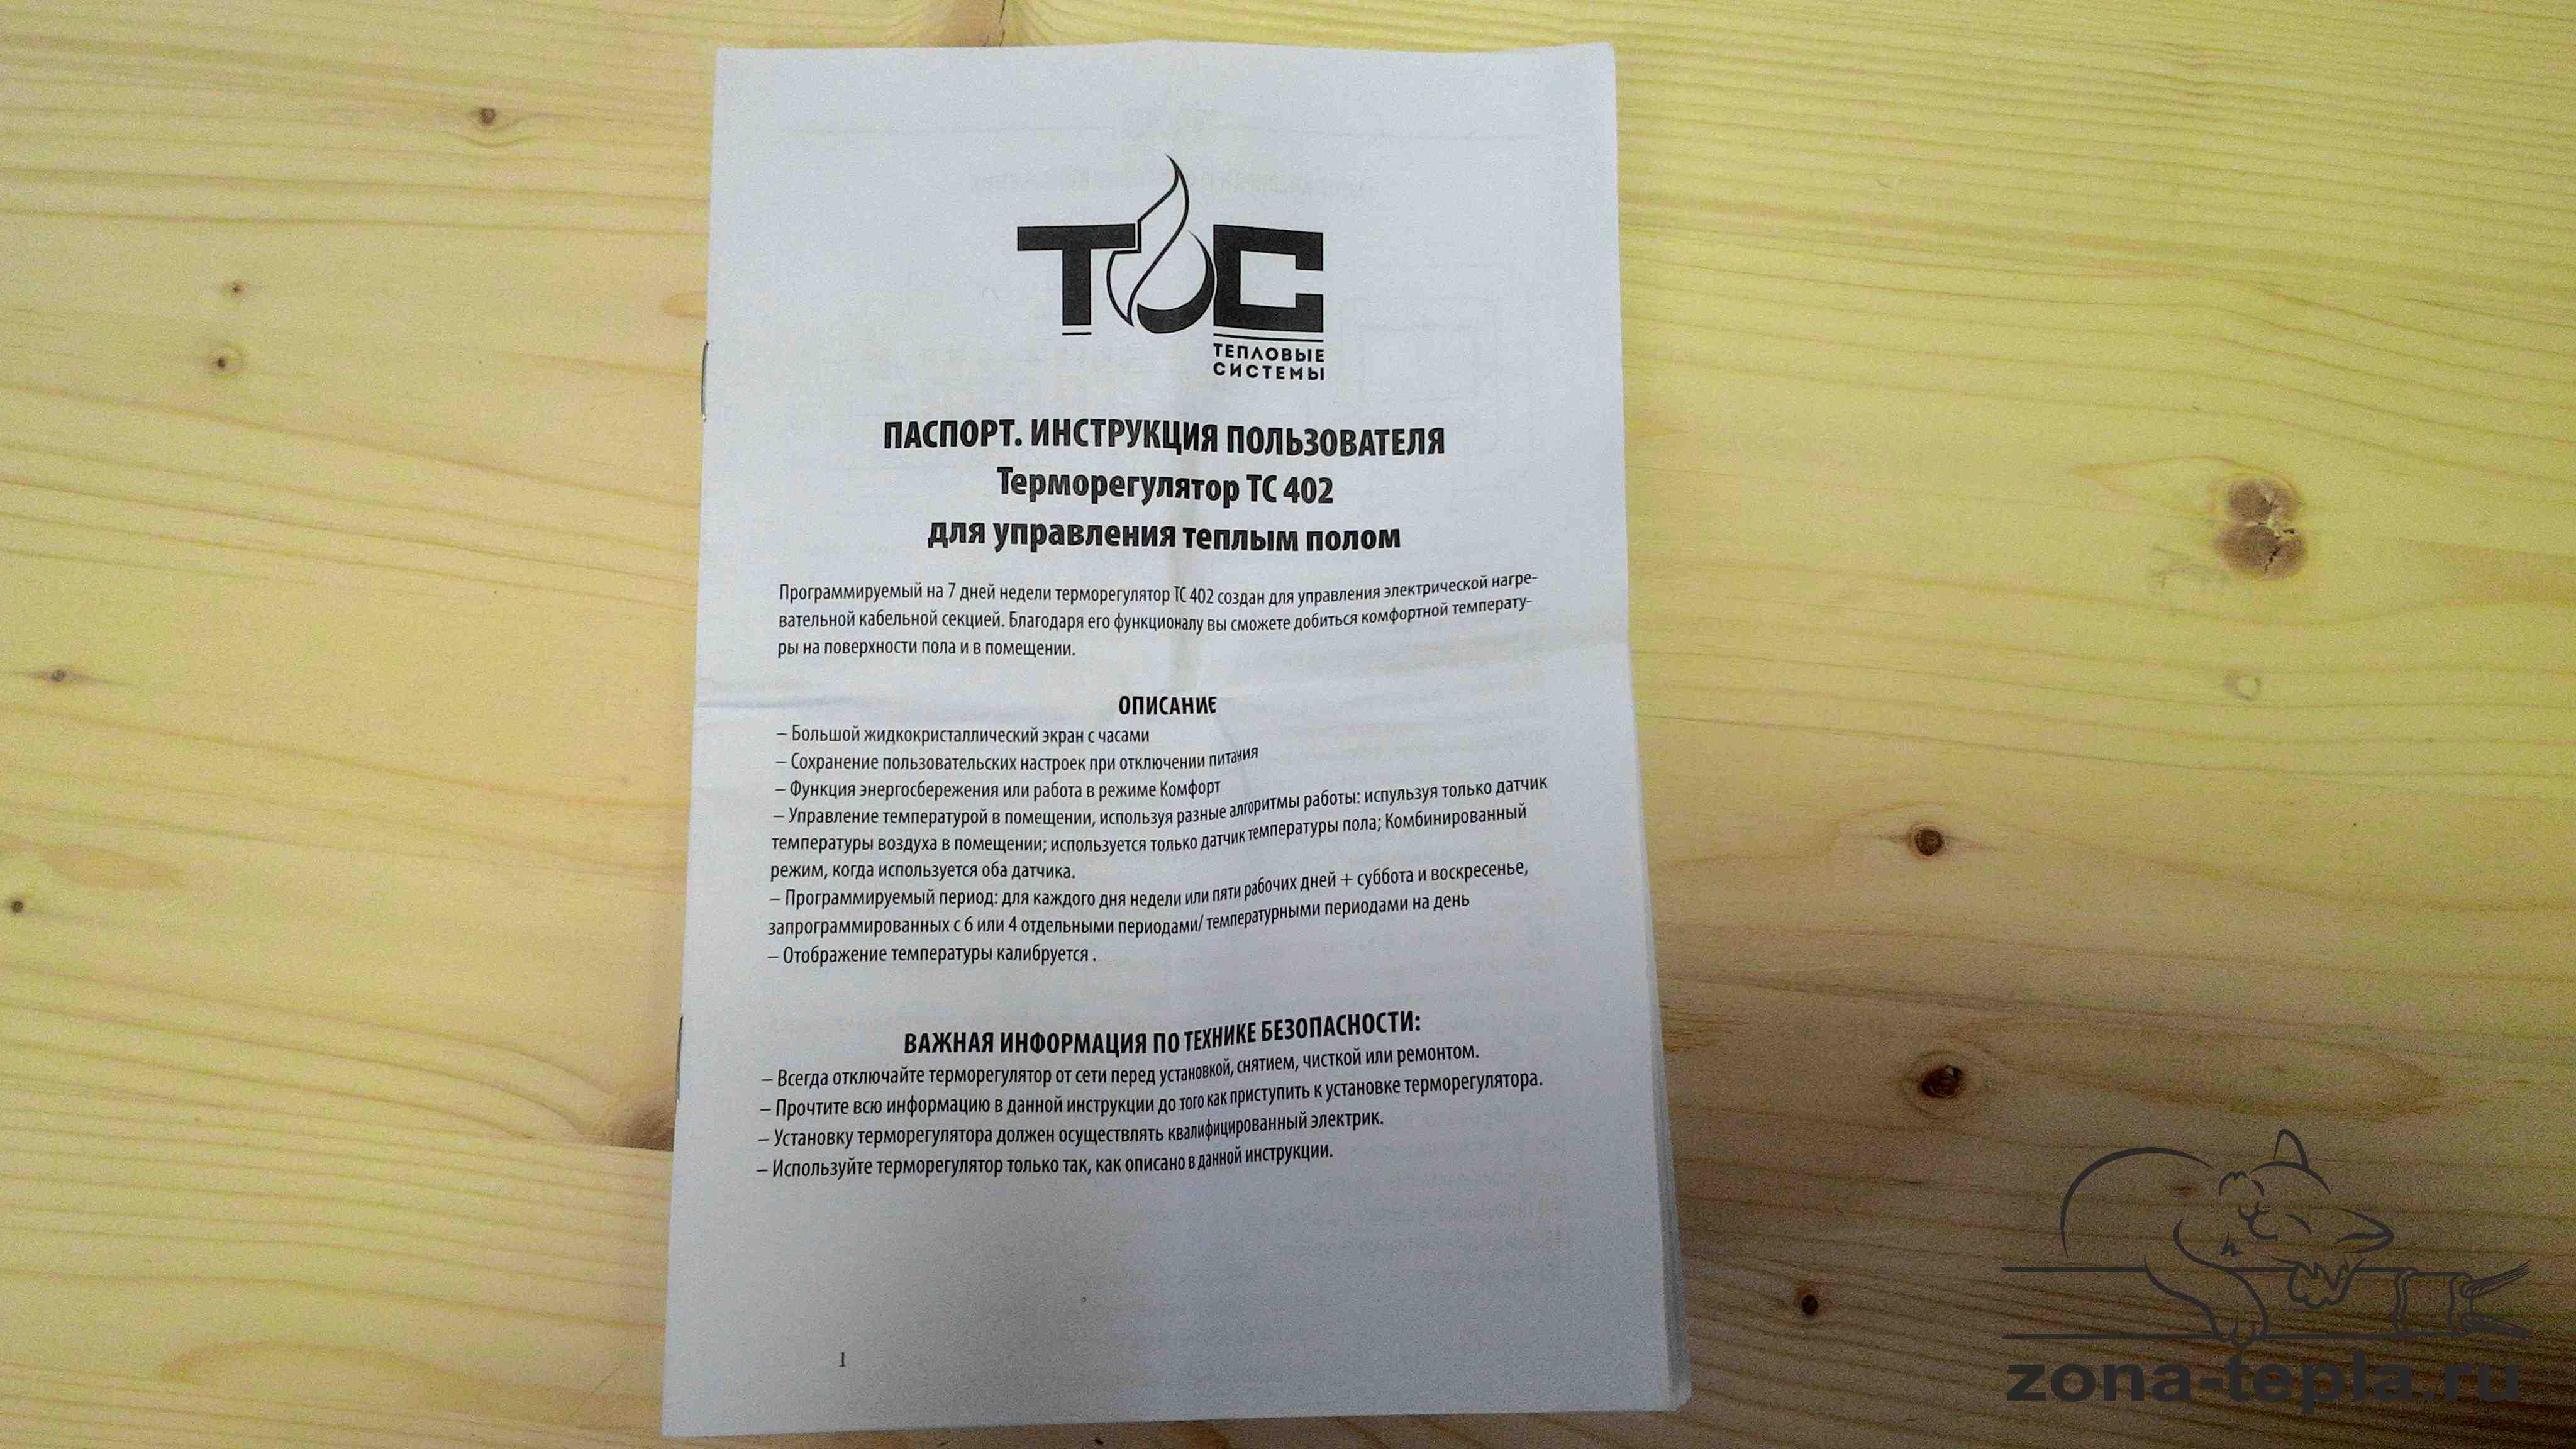 Терморегулятор для теплого пола TC-402 инструкция